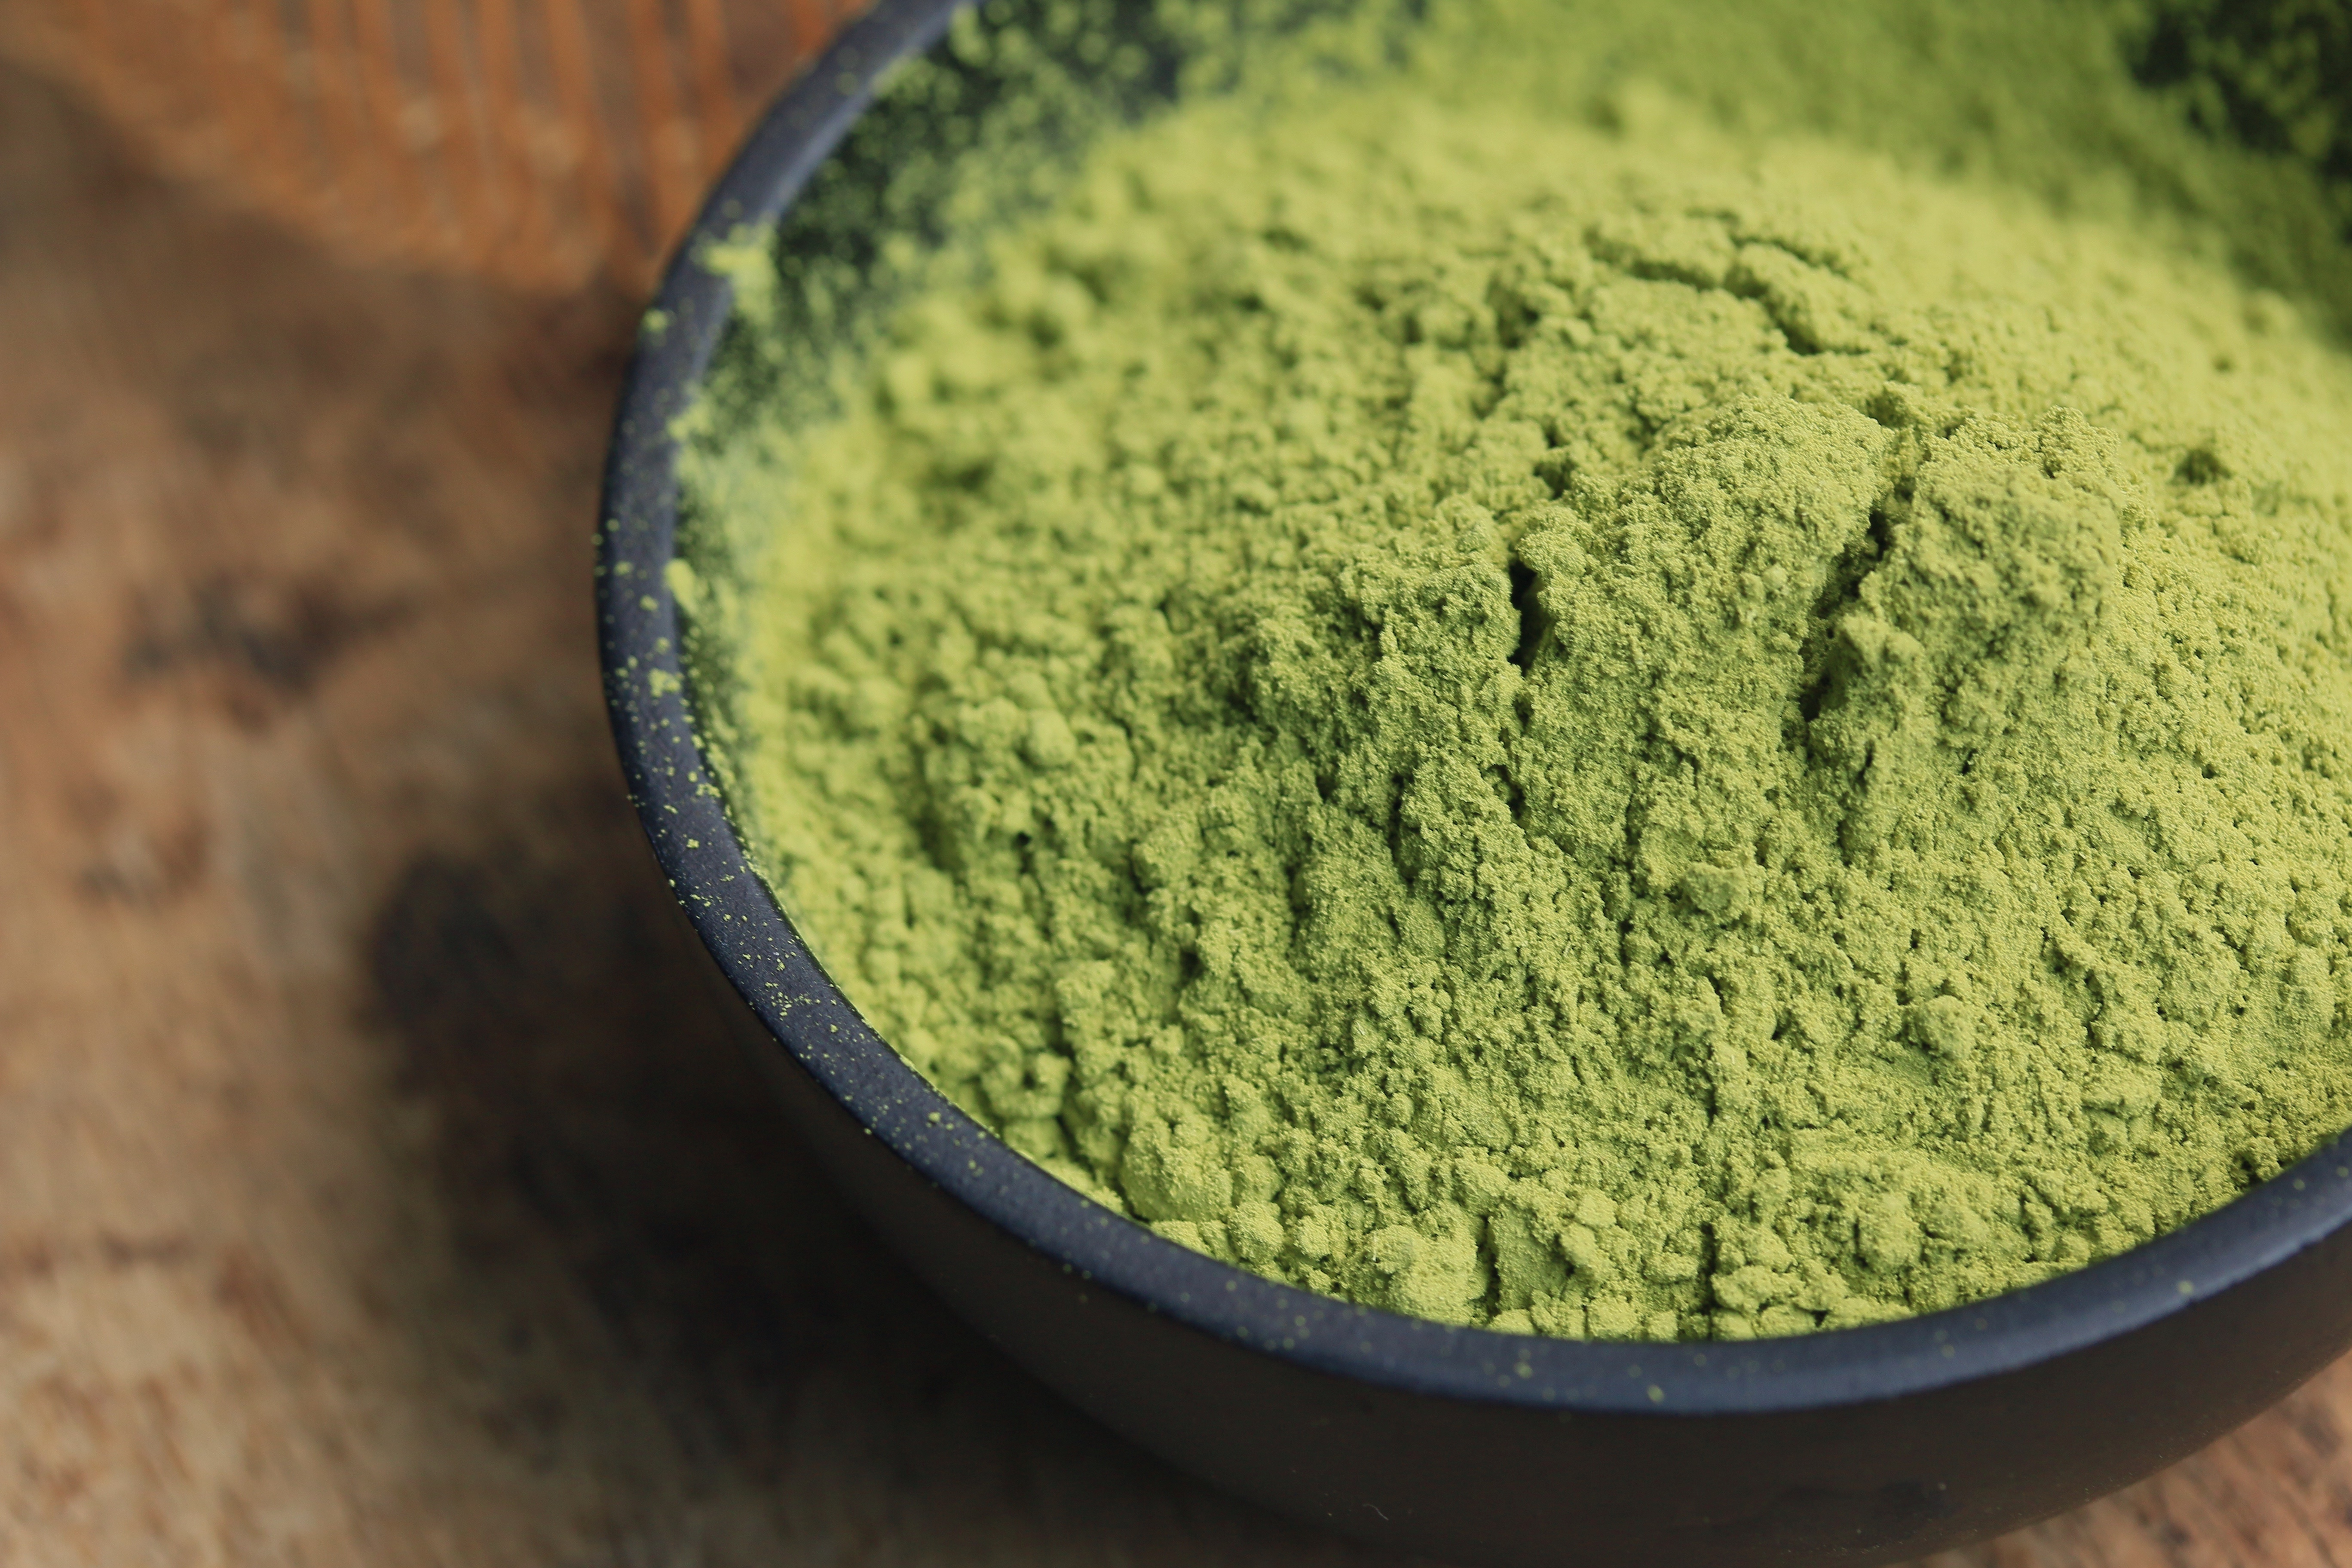 Green Veined Indo Supreme Kratom Powder